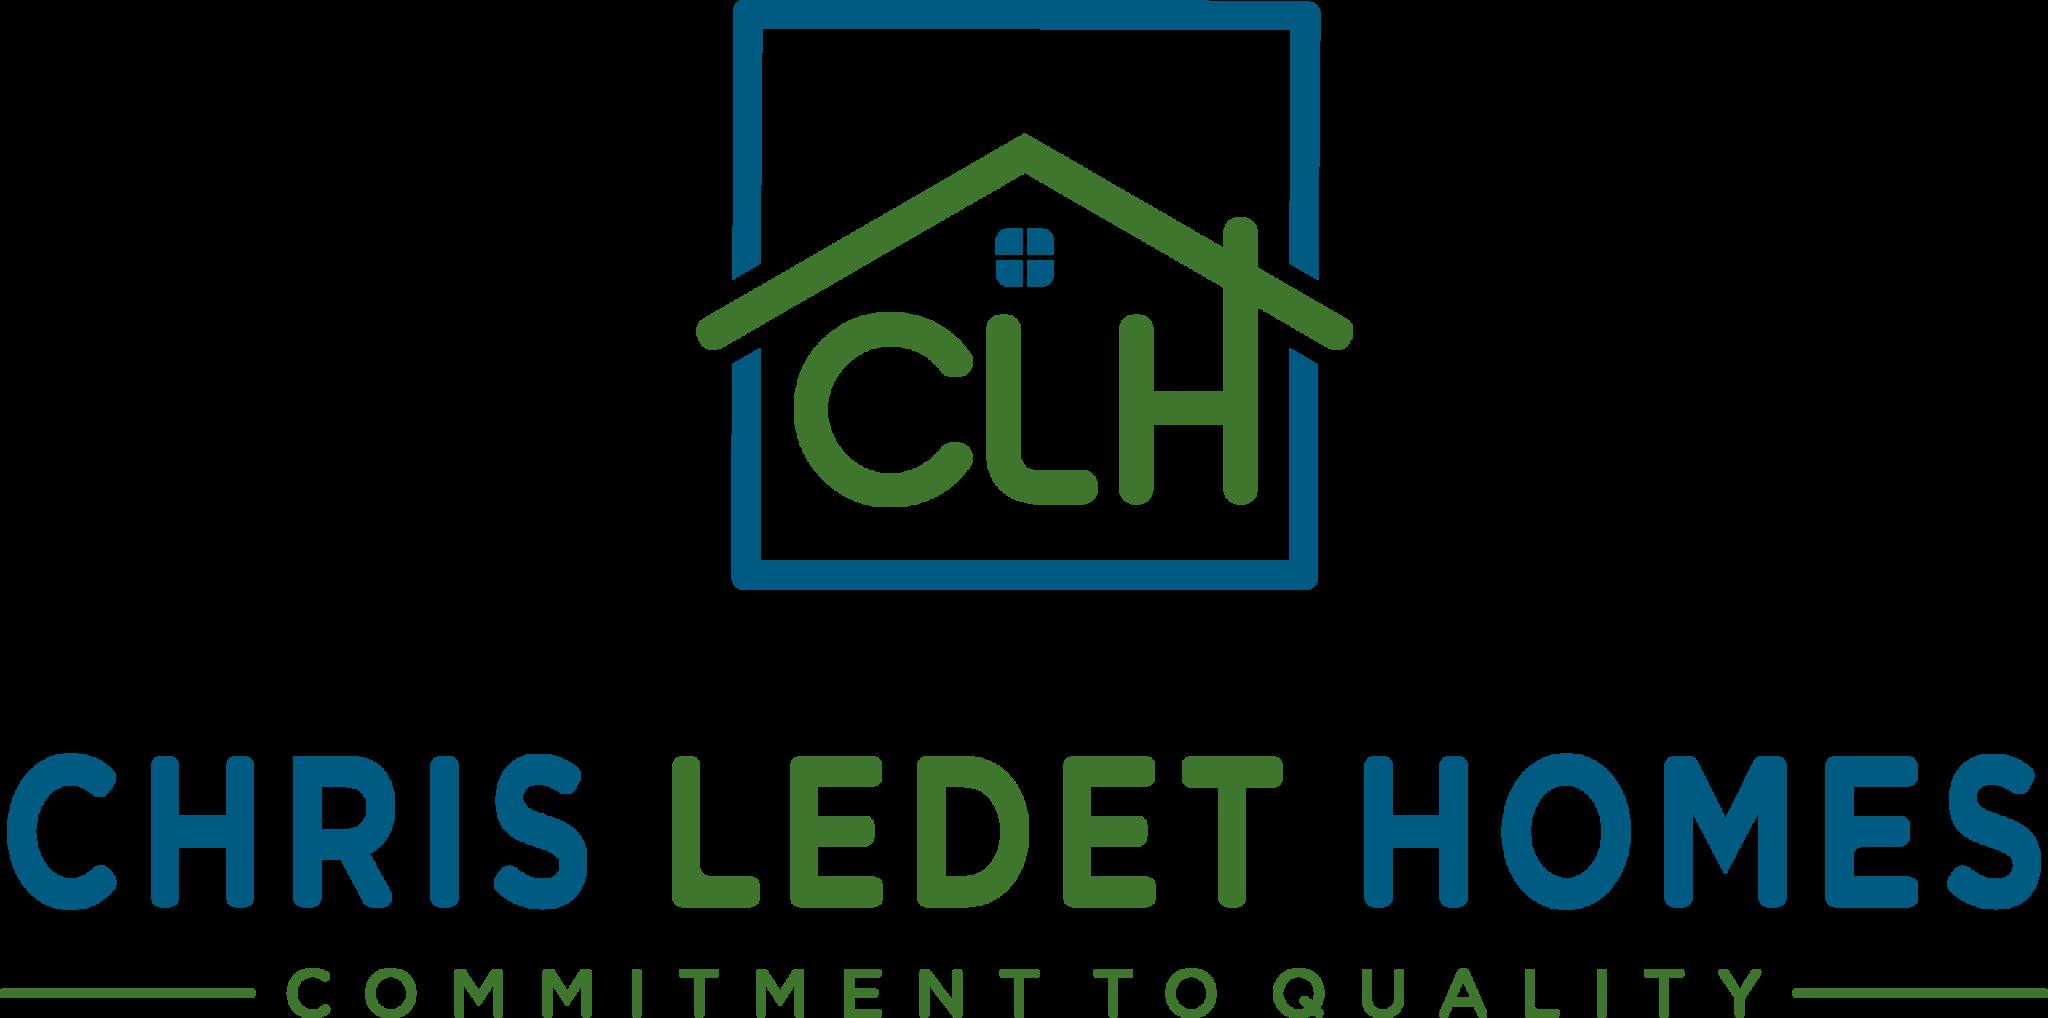 Chris Ledet Homes